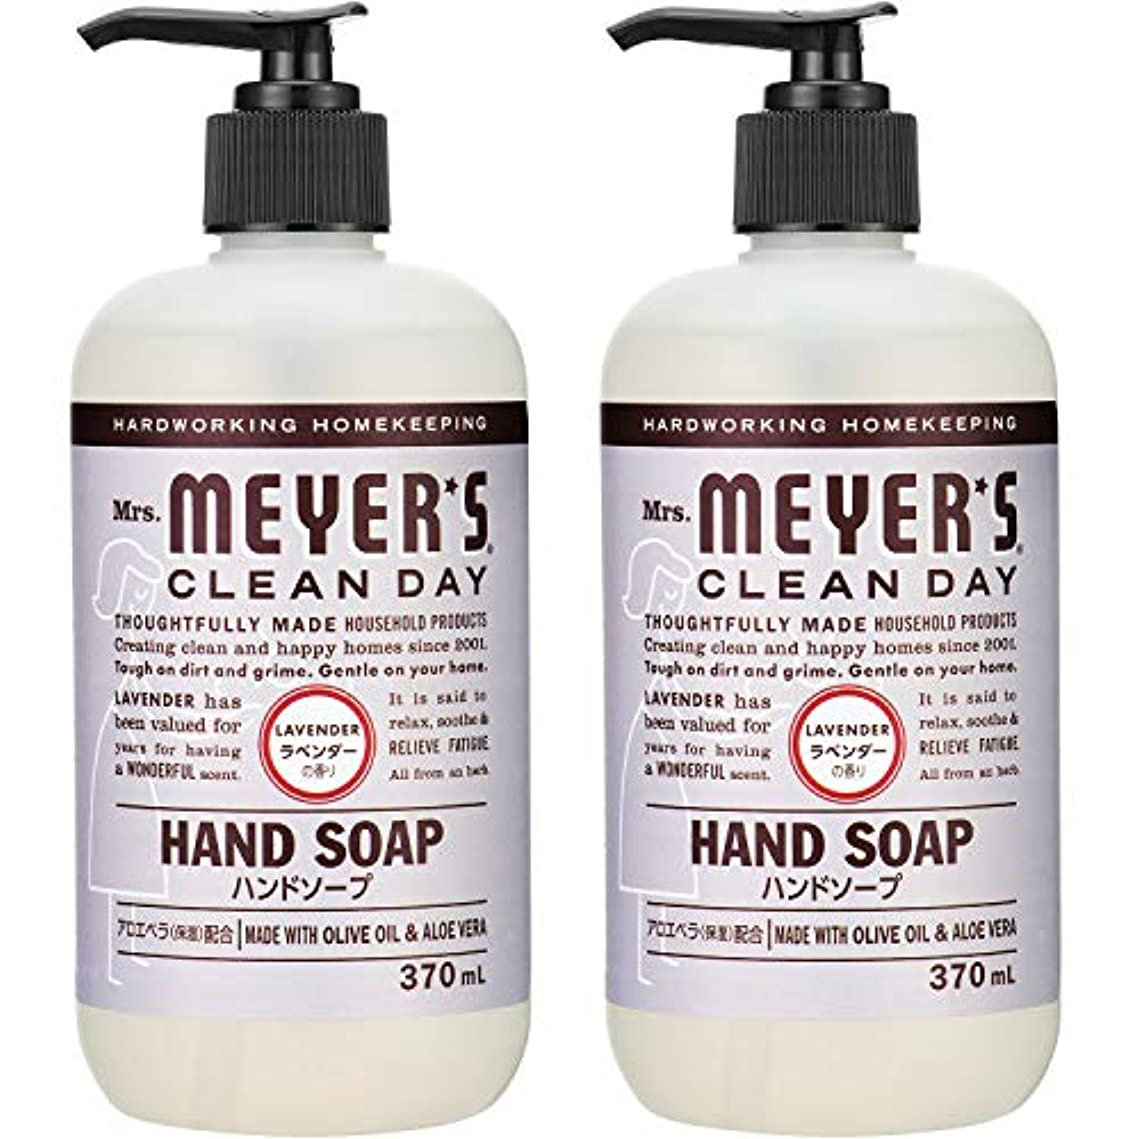 弱点ブレースカレッジMrs. MEYER'S CLEAN DAY(ミセスマイヤーズ クリーンデイ) ミセスマイヤーズ クリーンデイ(Mrs.Meyers Clean Day) ハンドソープ ラベンダーの香り 370ml×2個